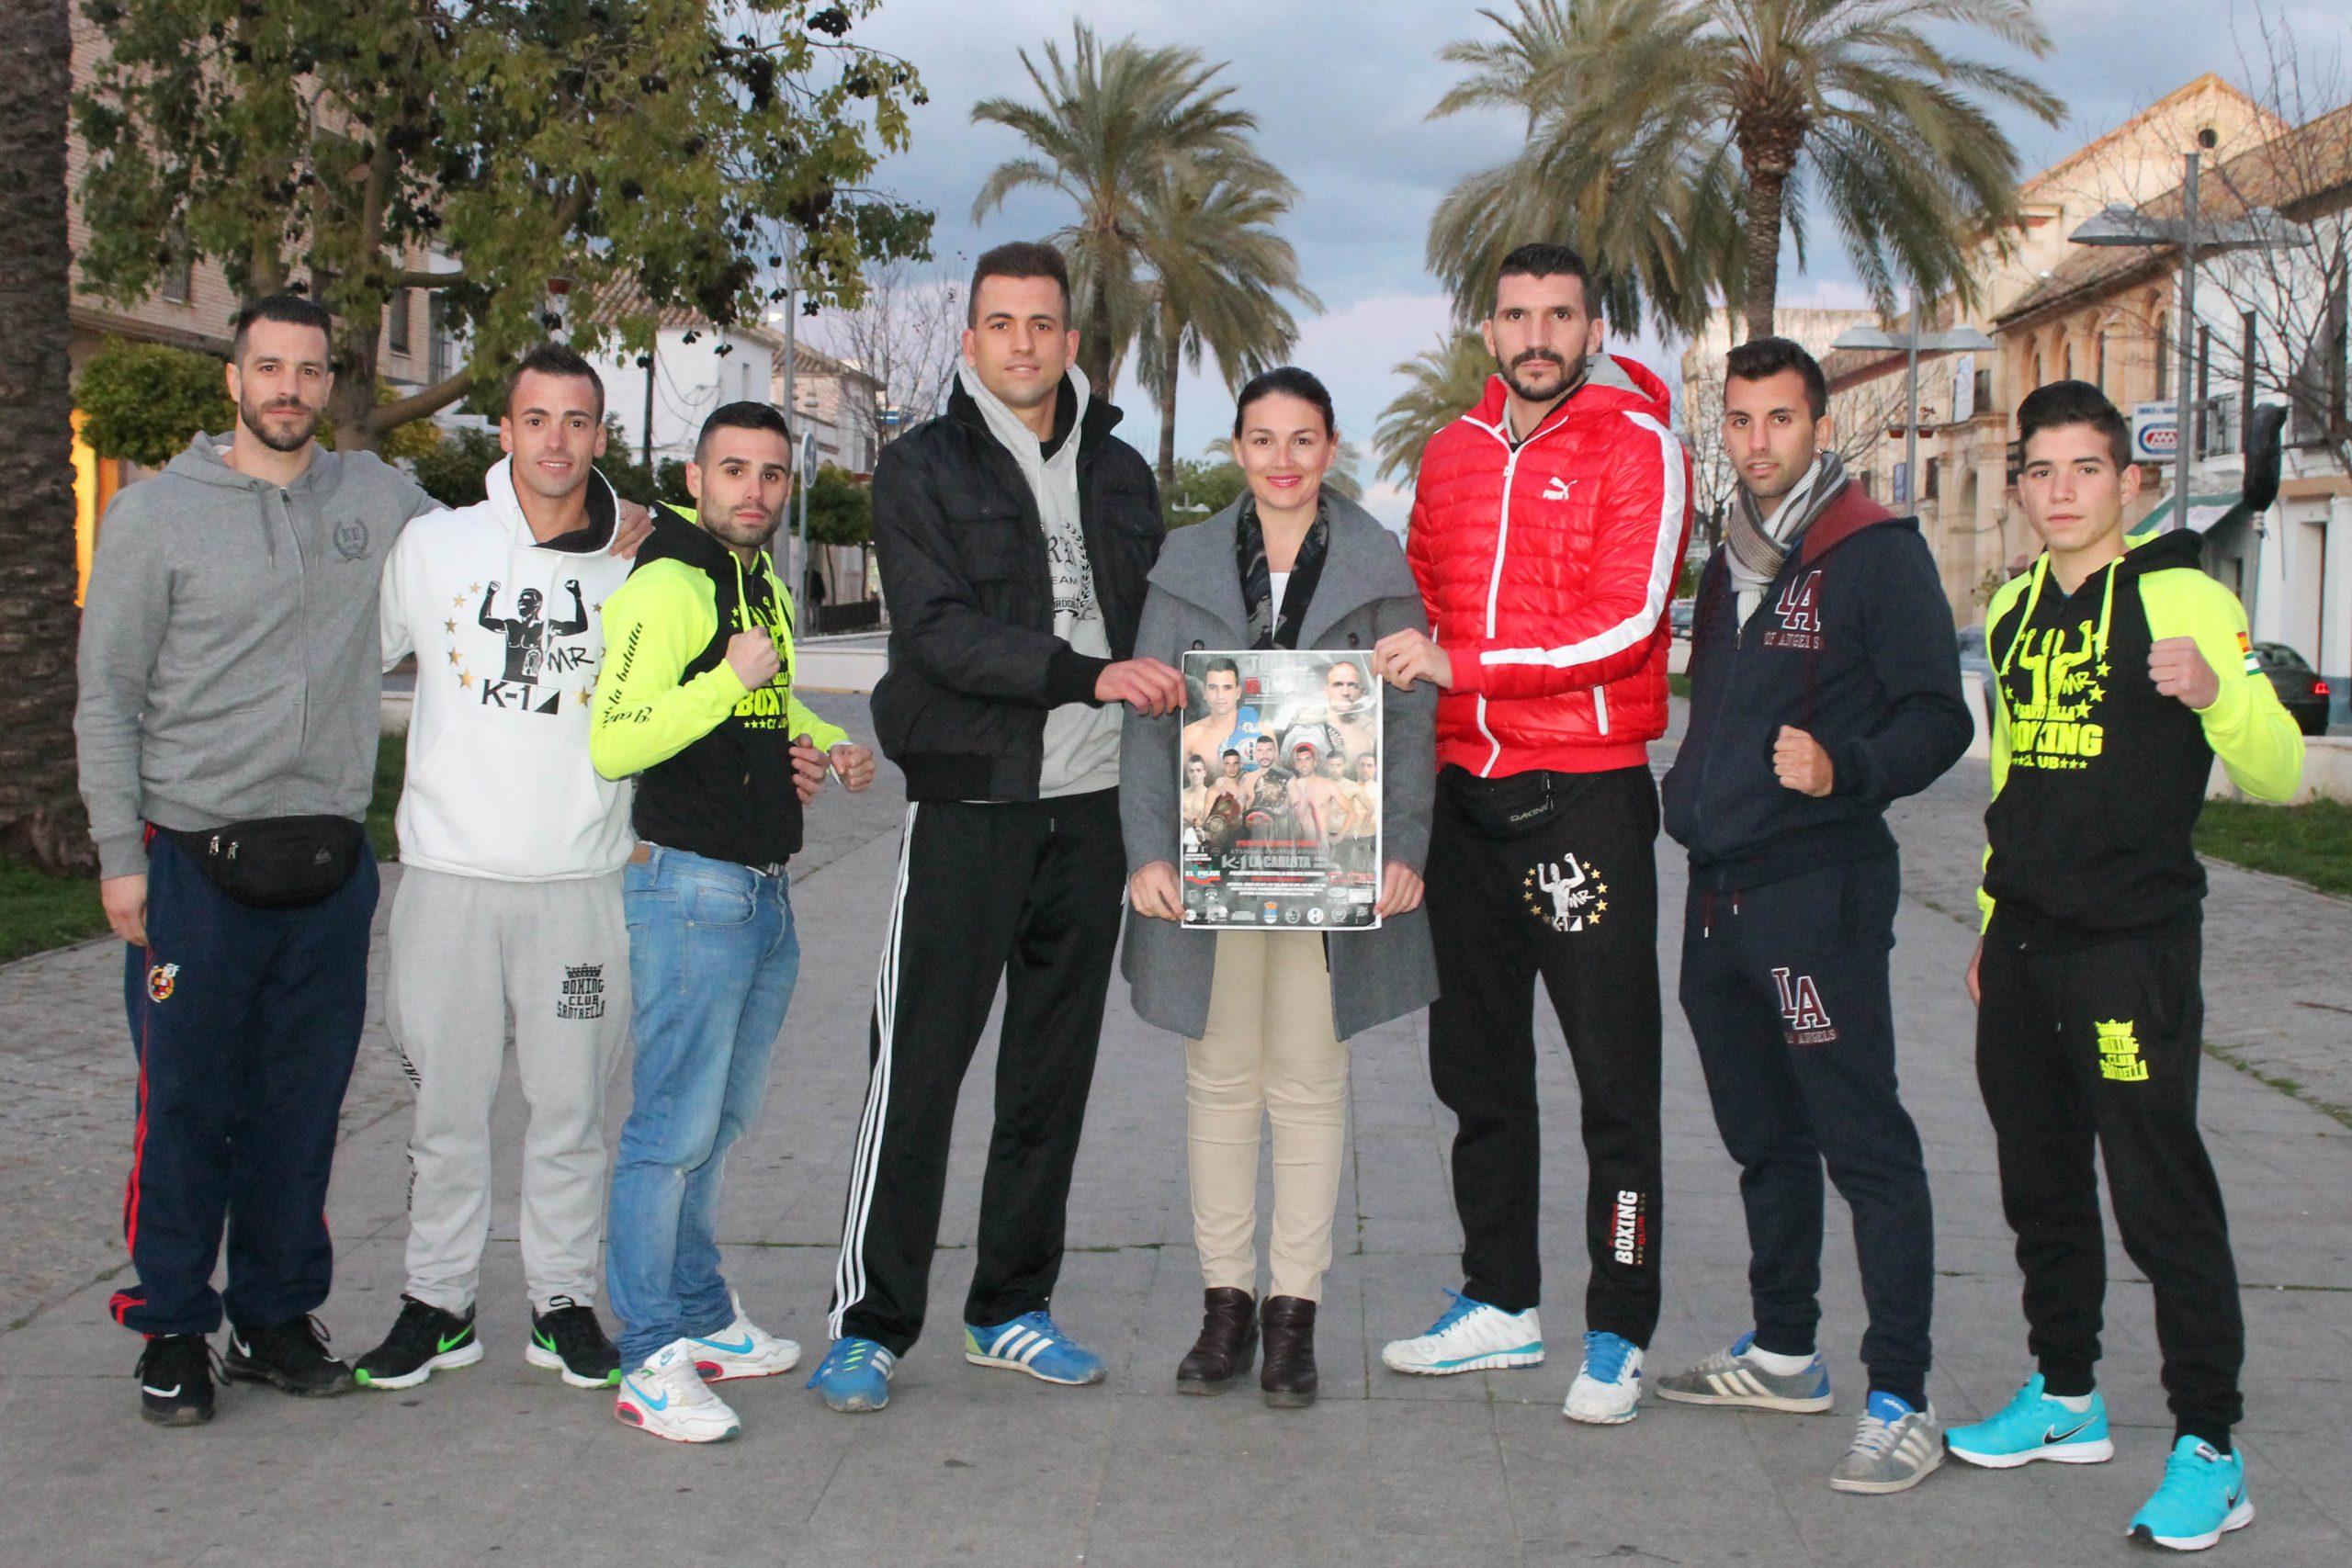 Suanes junto a Torres – cuarto por la izquierda- y el resto de los luchadores que participan en la Gala K1, presentando el cartel en el paseo Carlos III de La Carlota